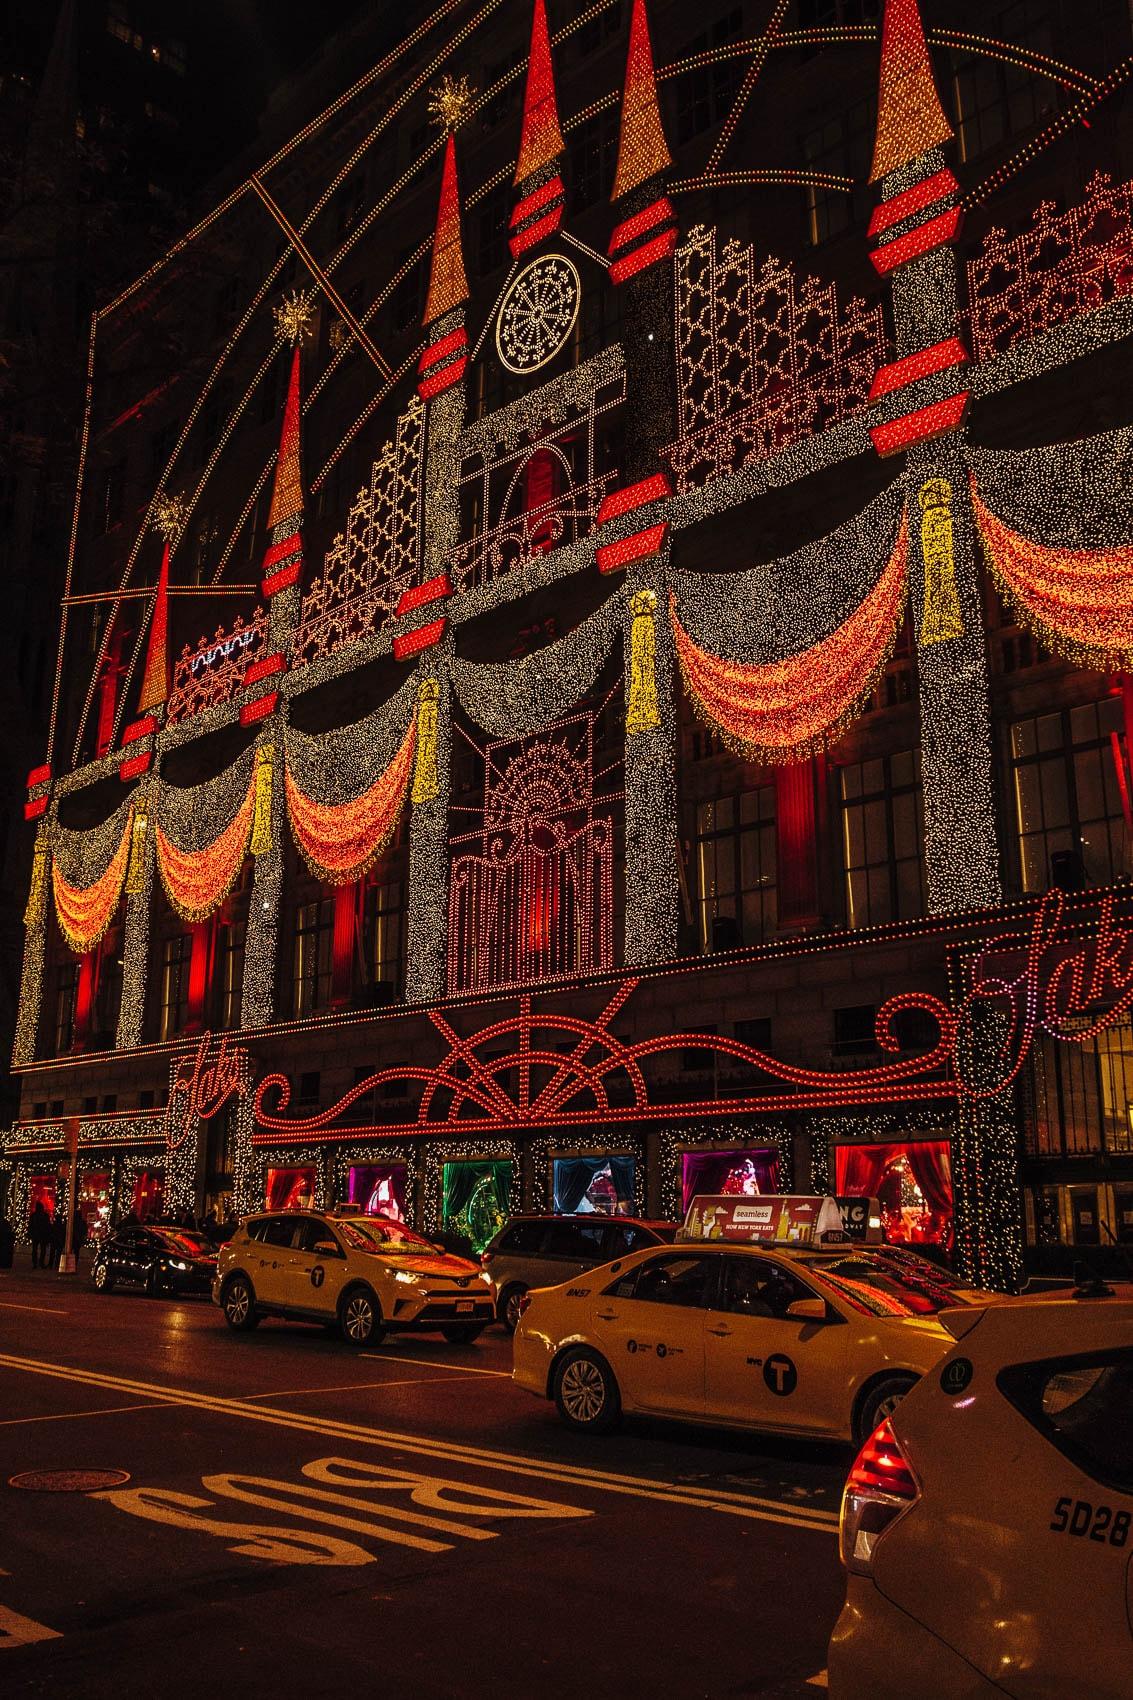 Weihnachten in New York: 5 Dinge, die du sehen musst!